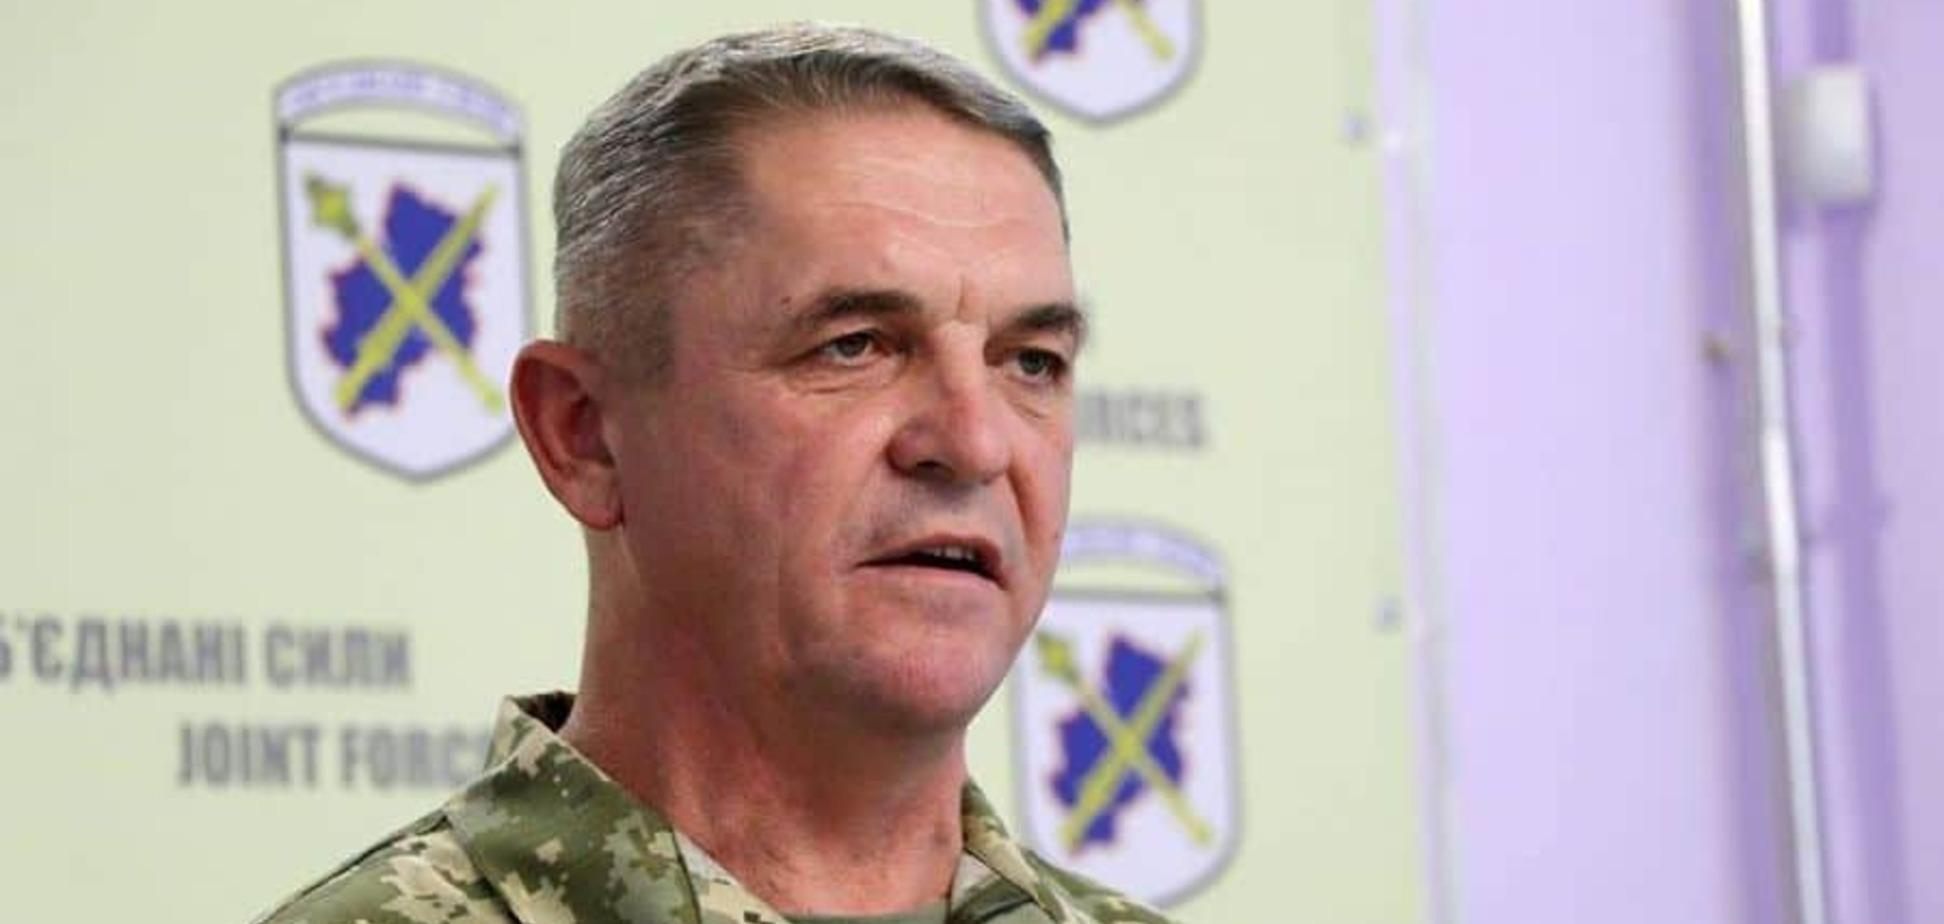 Командующим ССО хотят назначить полковника Доманского: его уволили из ВСУ за расстрел курсантов из танка